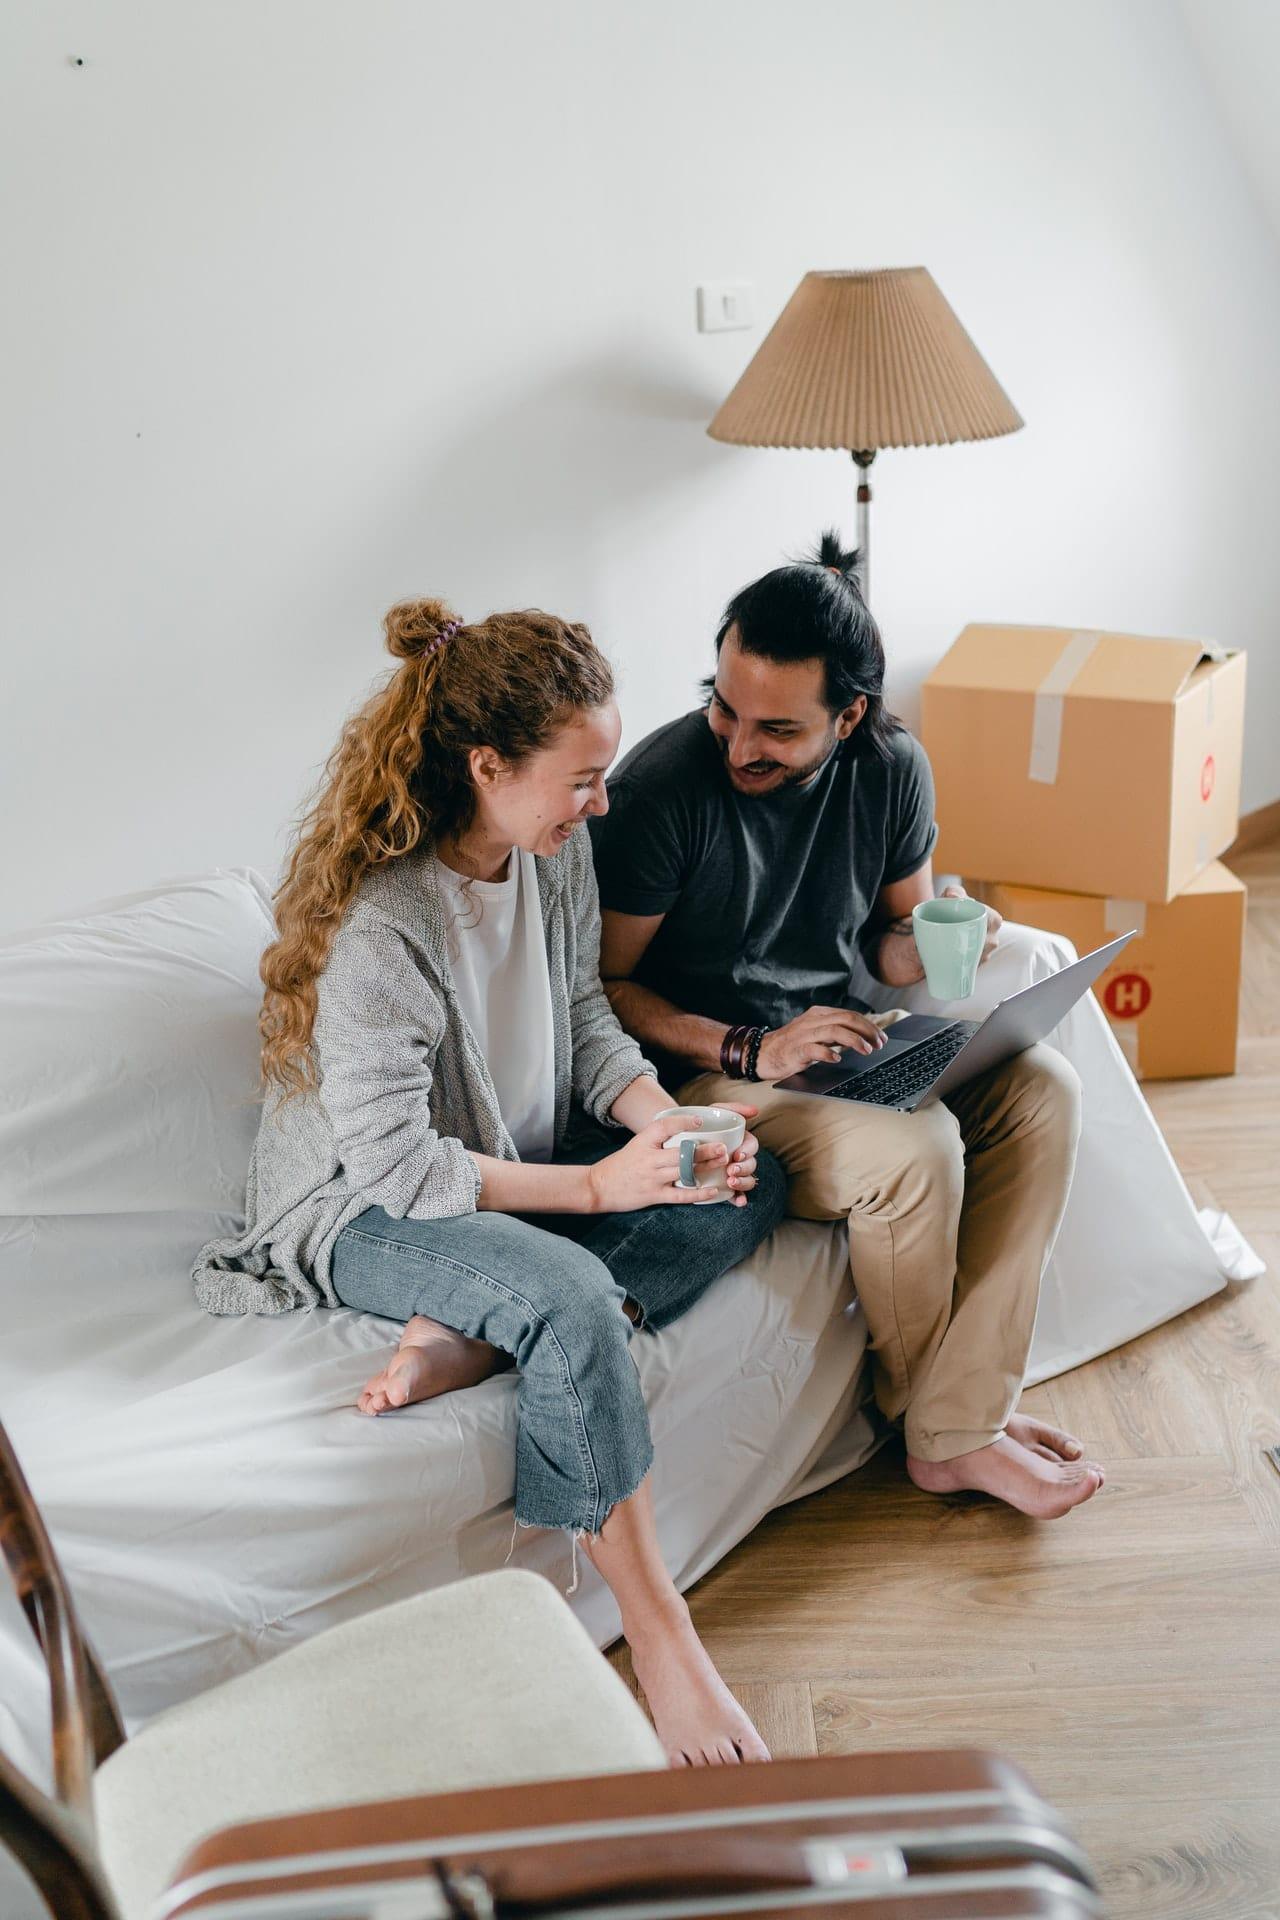 deux personnes assises devant un ordinateur